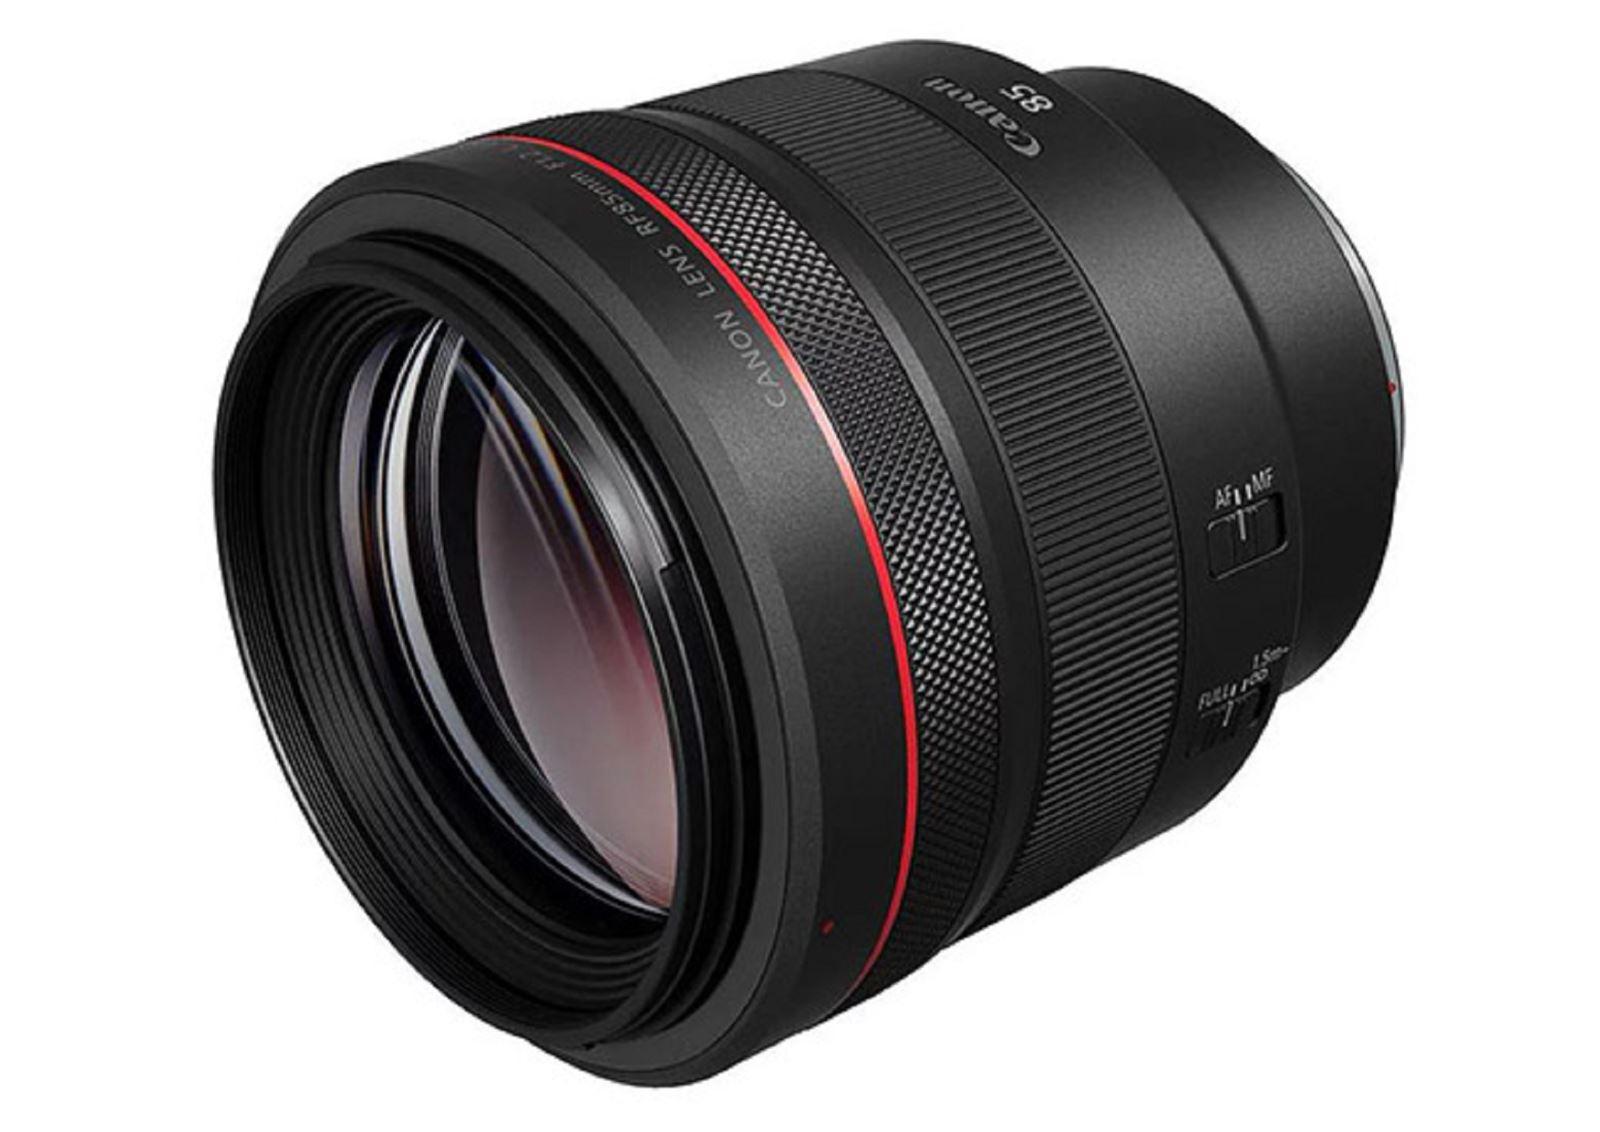 Canon công bốRF 85mm f/1.2L: Ống kính chân dung cao cấp dành cho máy ảnh mirrorless full frame